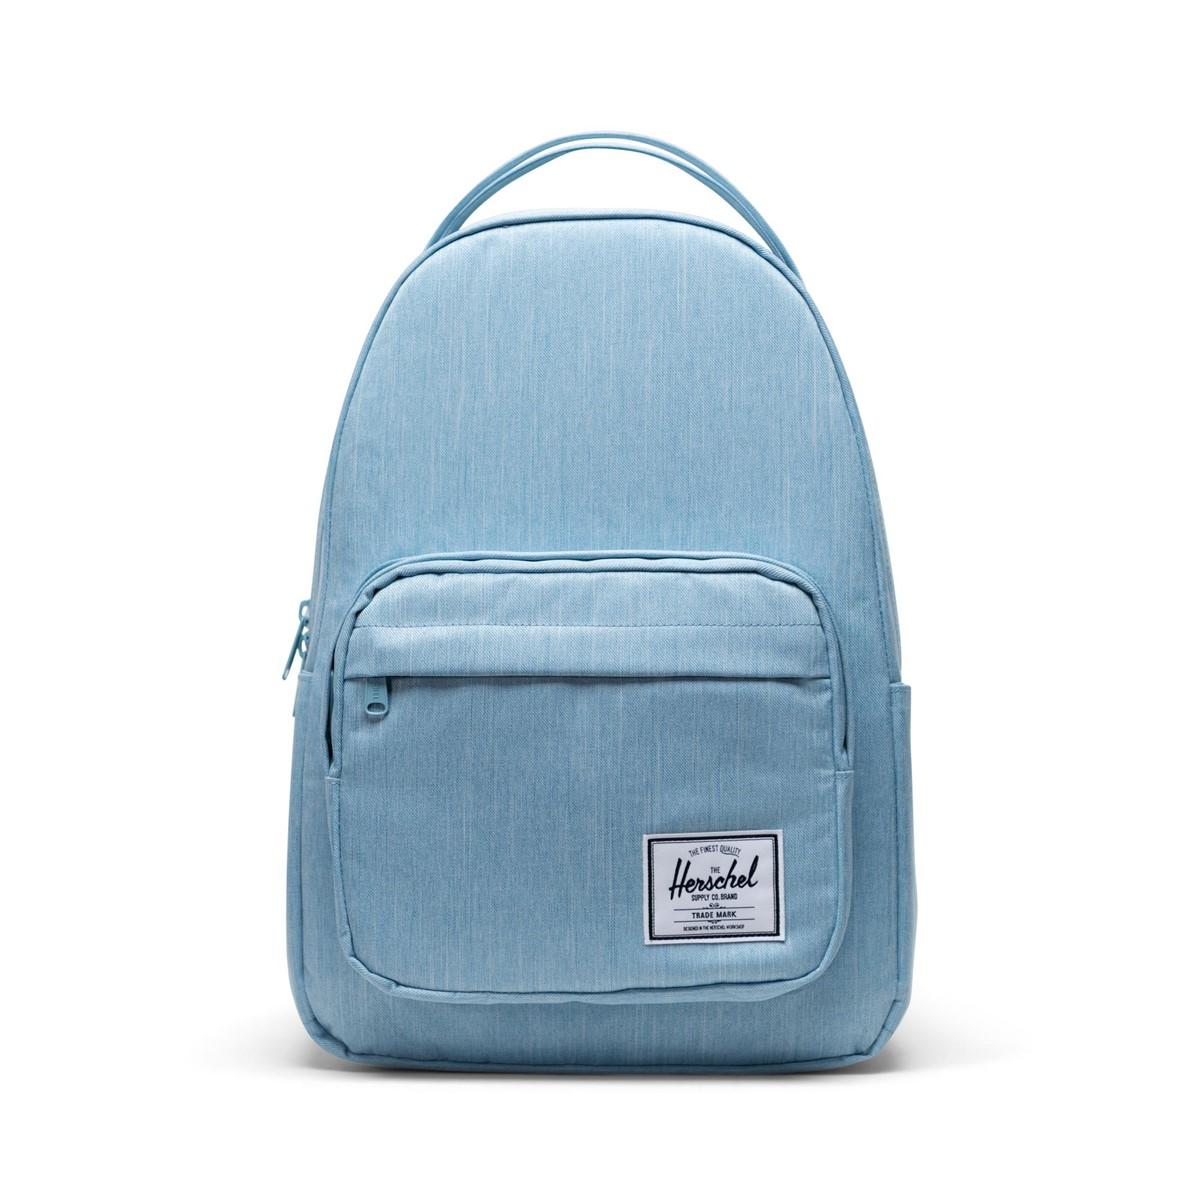 Miller Backpack in Light Blue Denim